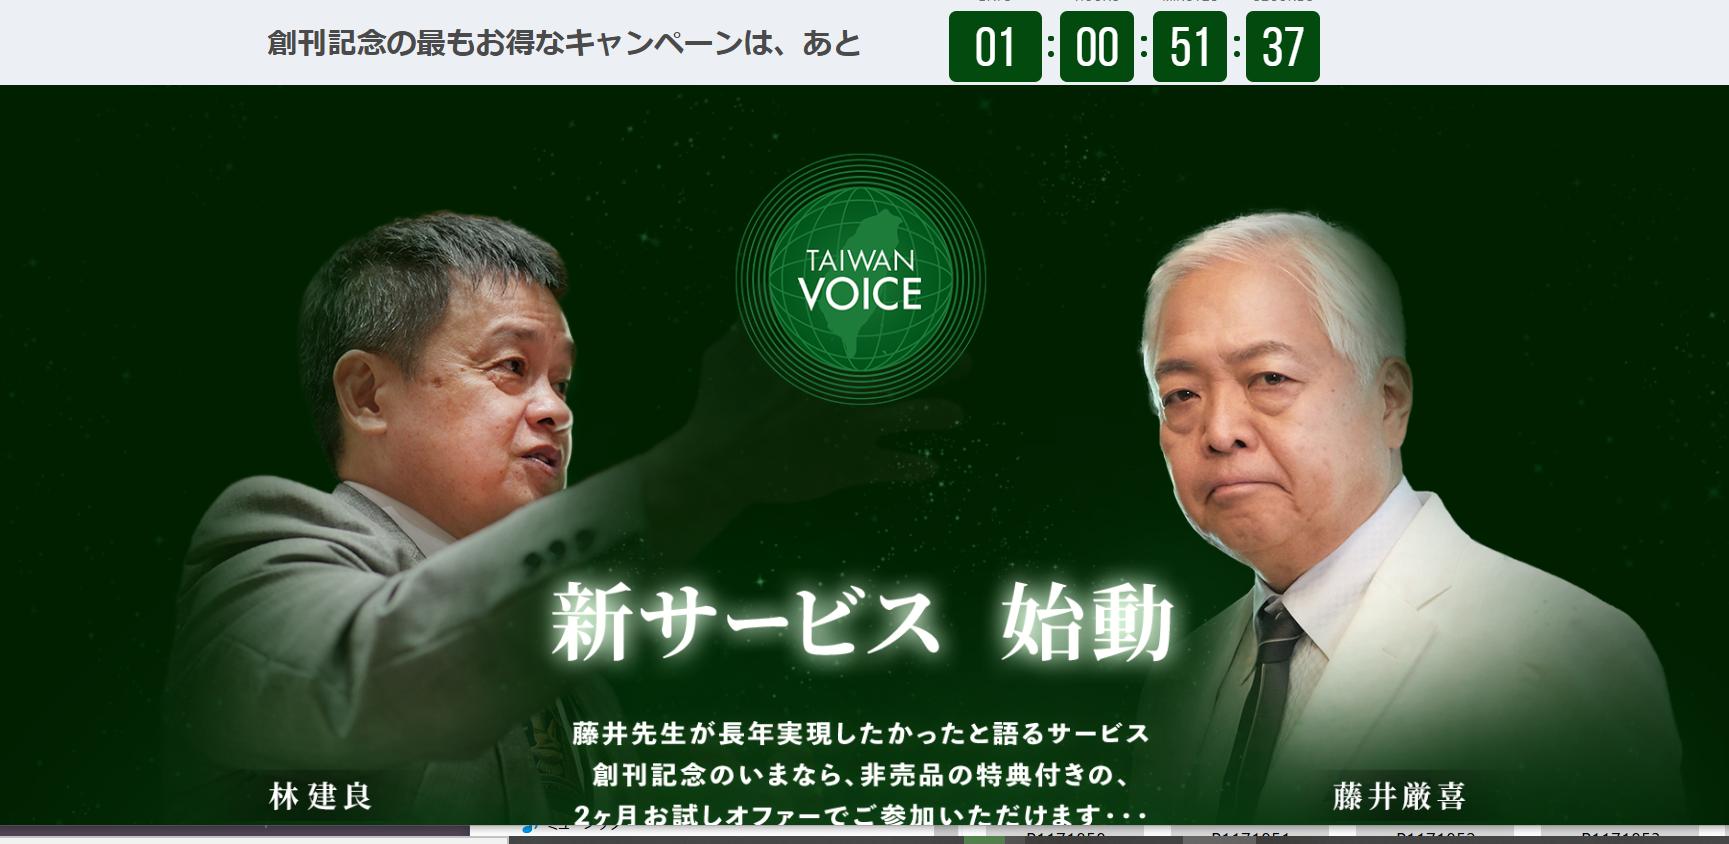 林建良×藤井厳喜先生Taiwan Voice創刊記念キャンペーンのお知らせ